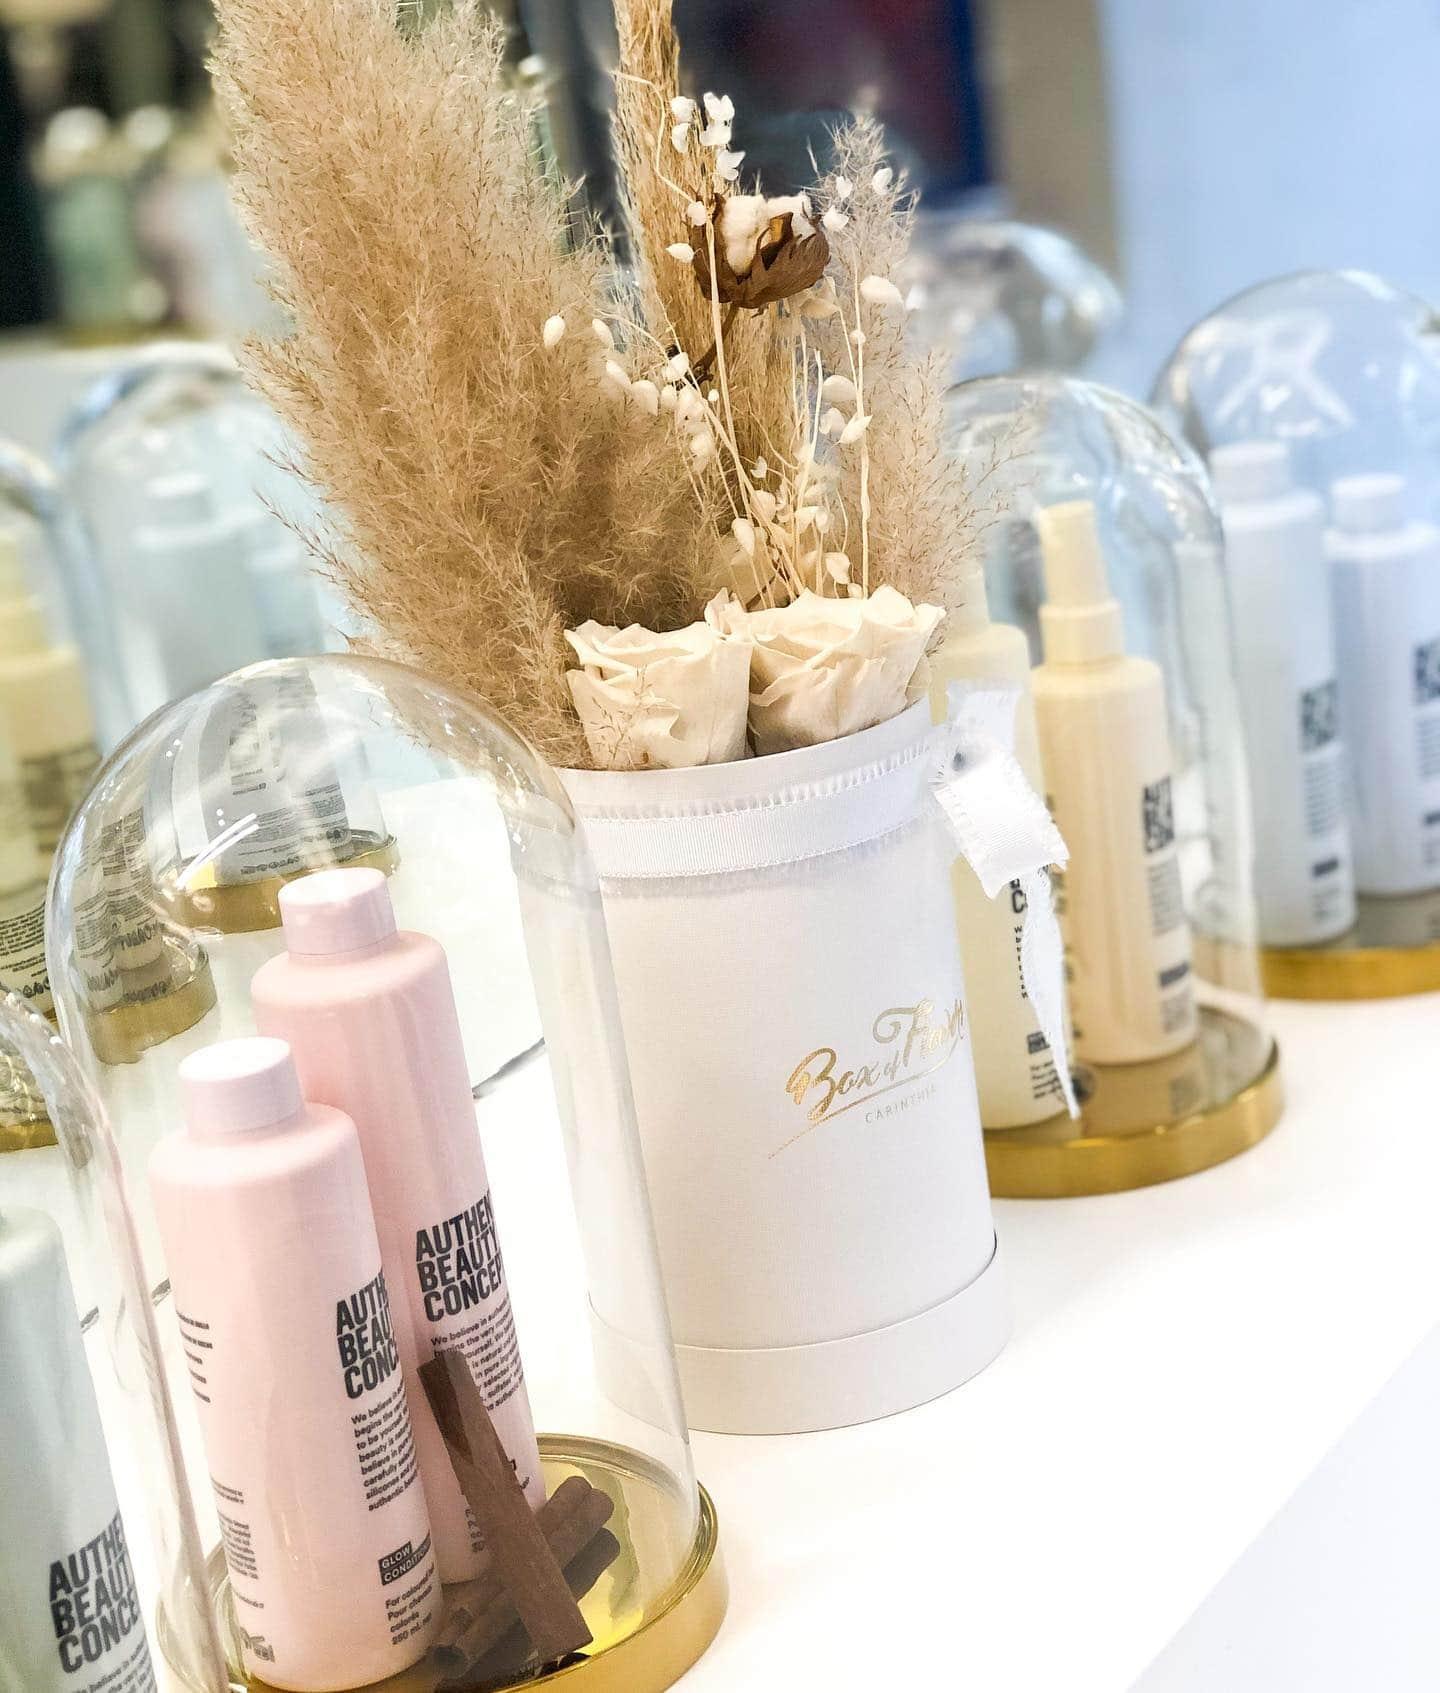 Beautyprodukte, Muttertag 2021, Geschenkideen, 9020 Klagenfurt am Wörthersee